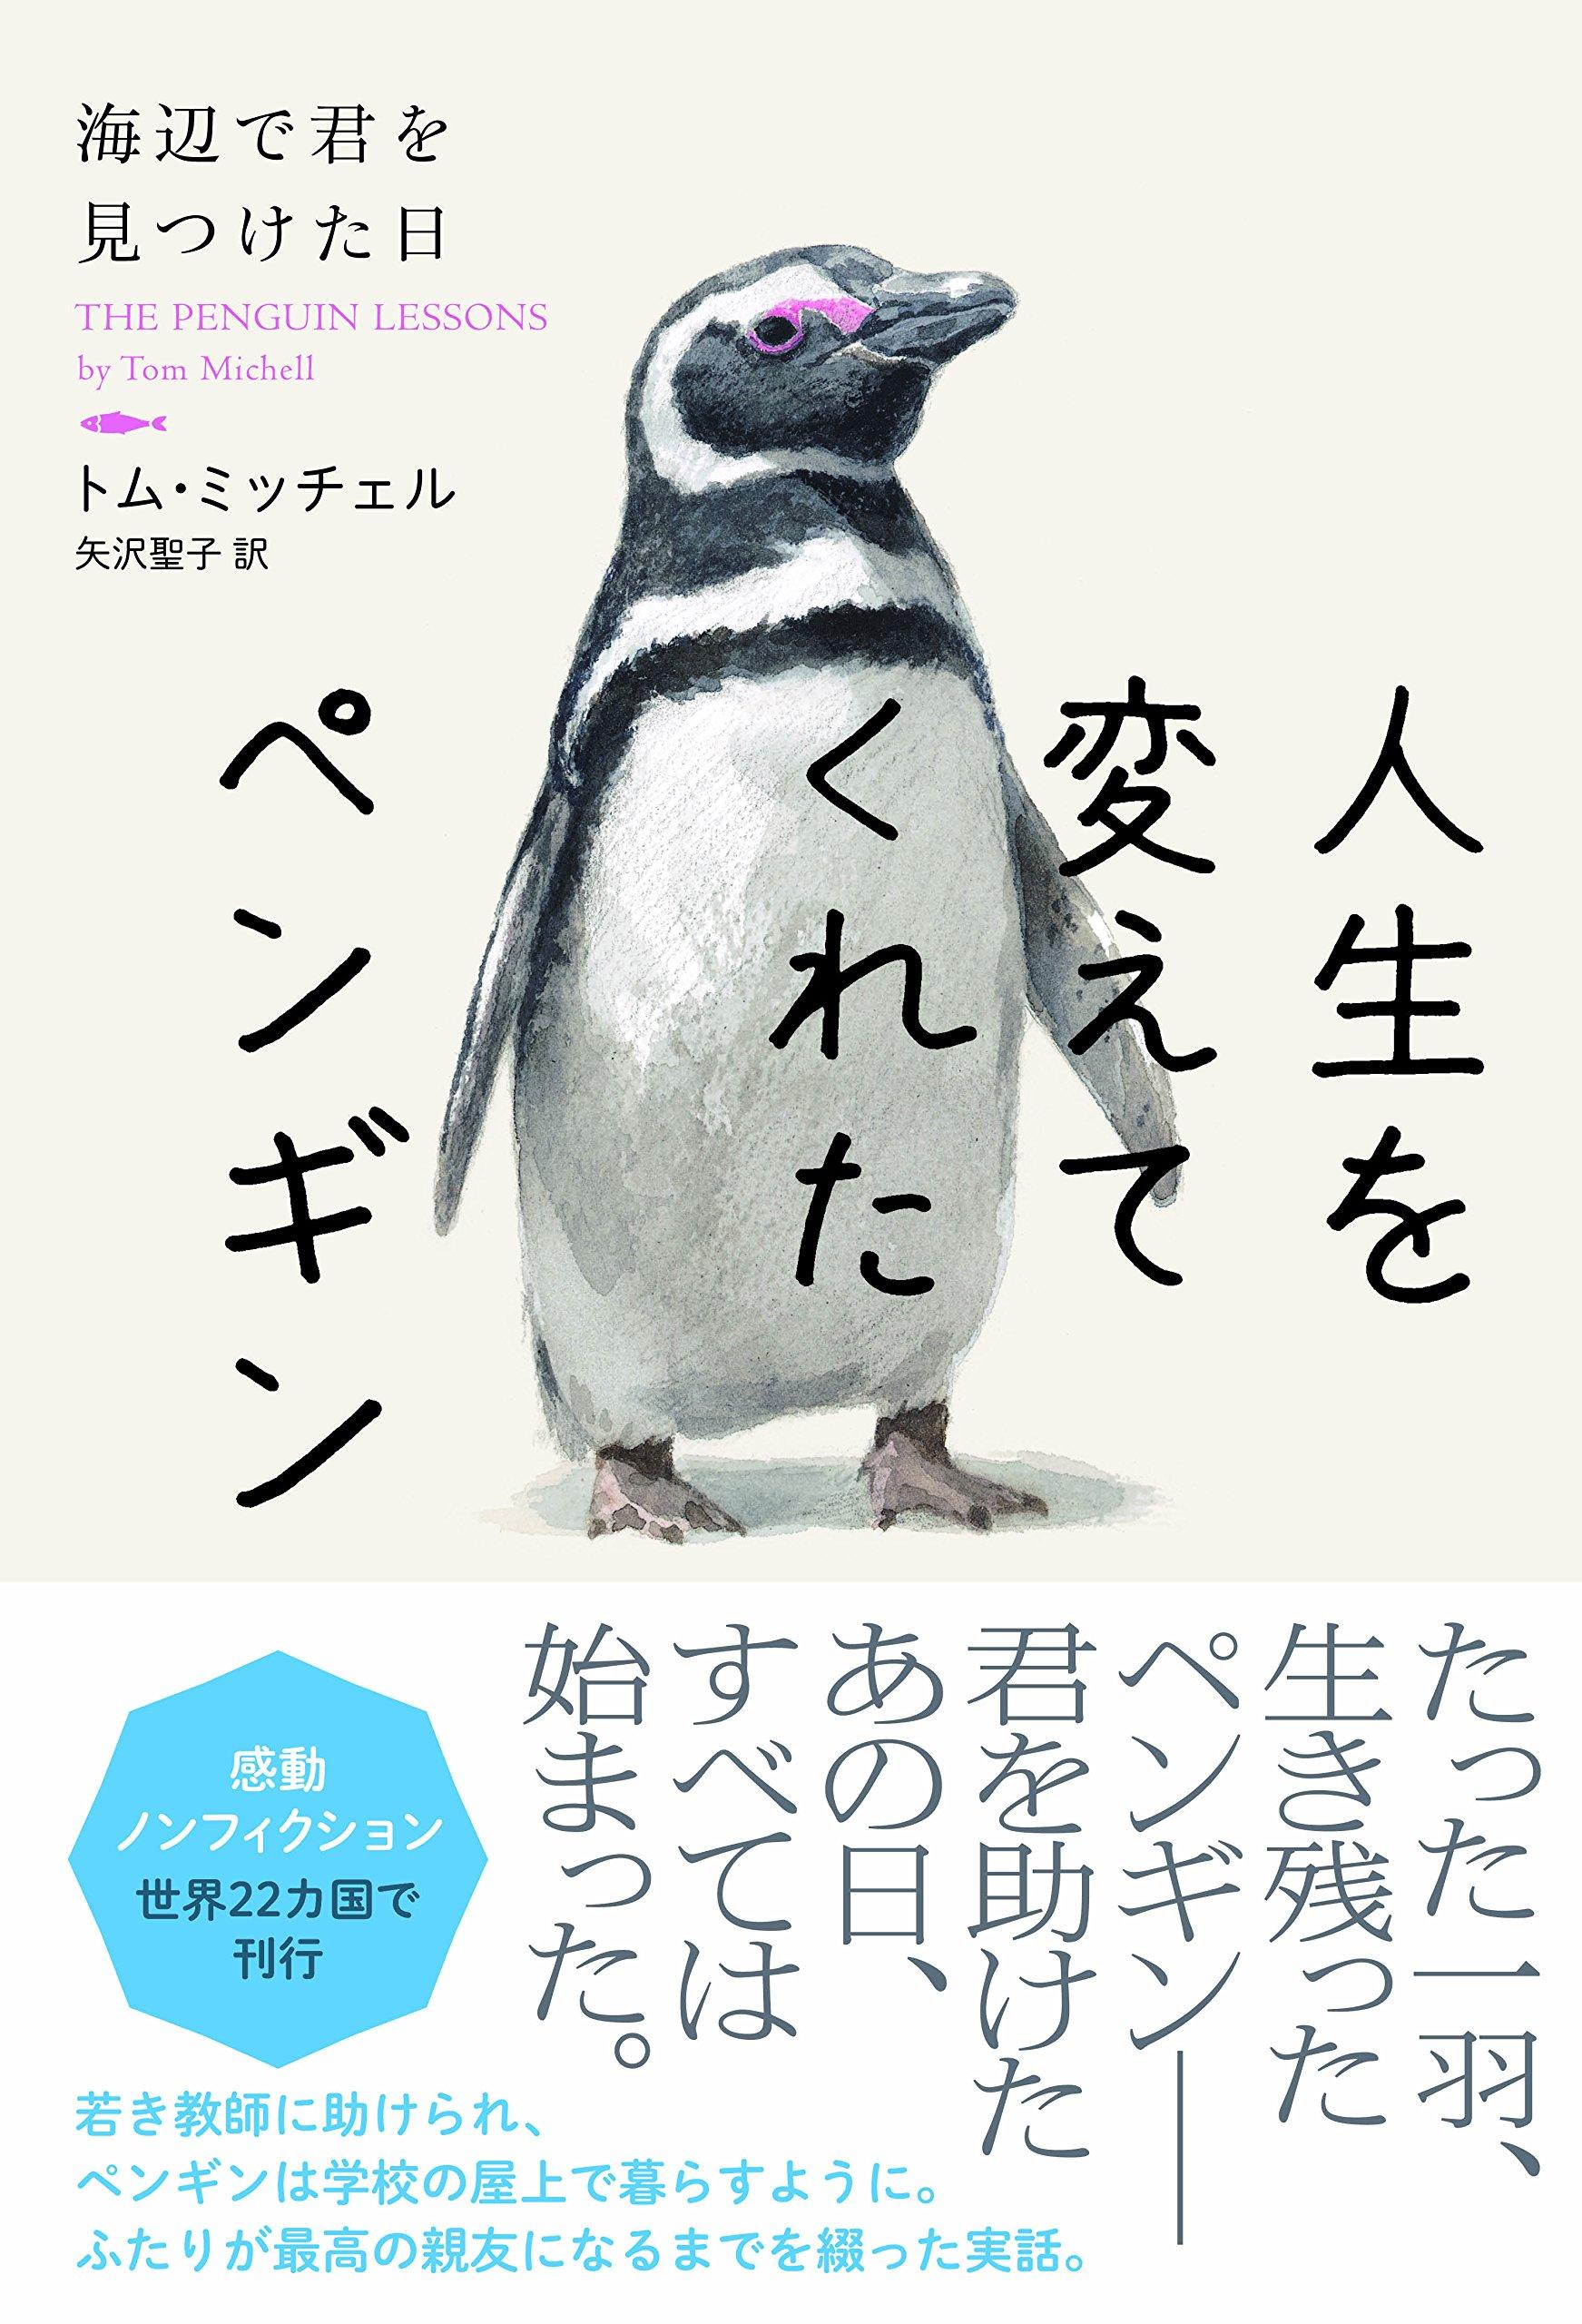 トム・ミッチェル :人生を変えてくれたペンギン 海辺で君を見つけた日 ☆☆☆☆・